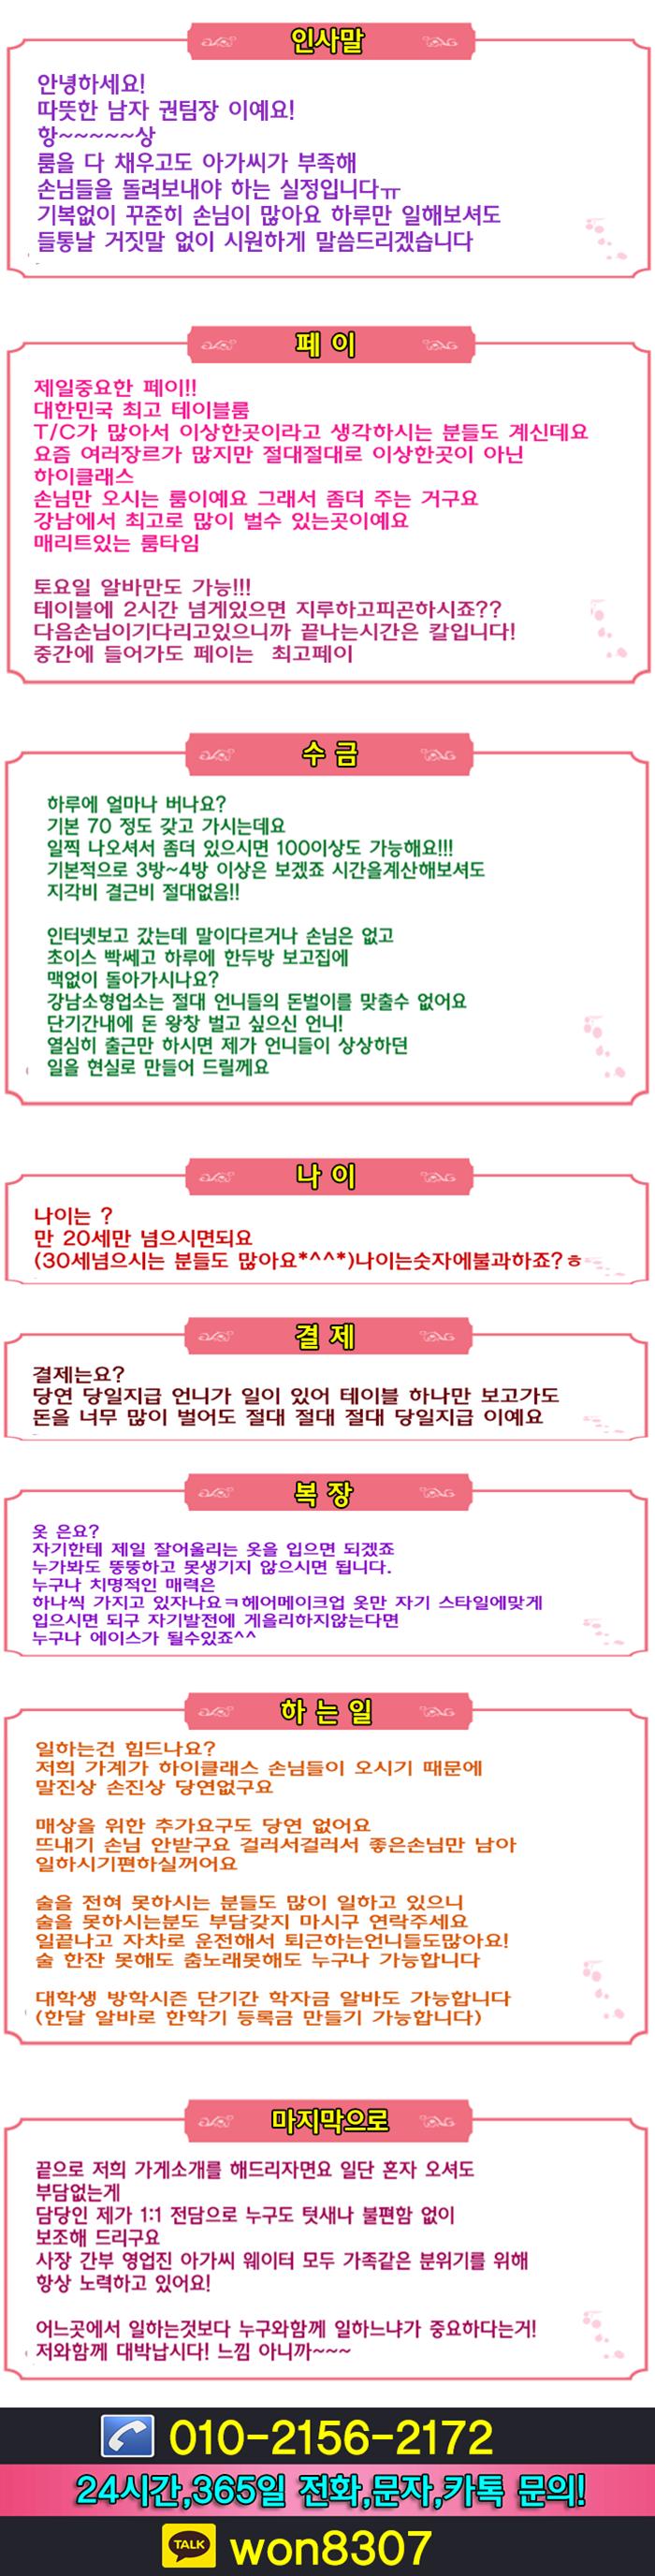 미미알바 강남1등 소개글.png